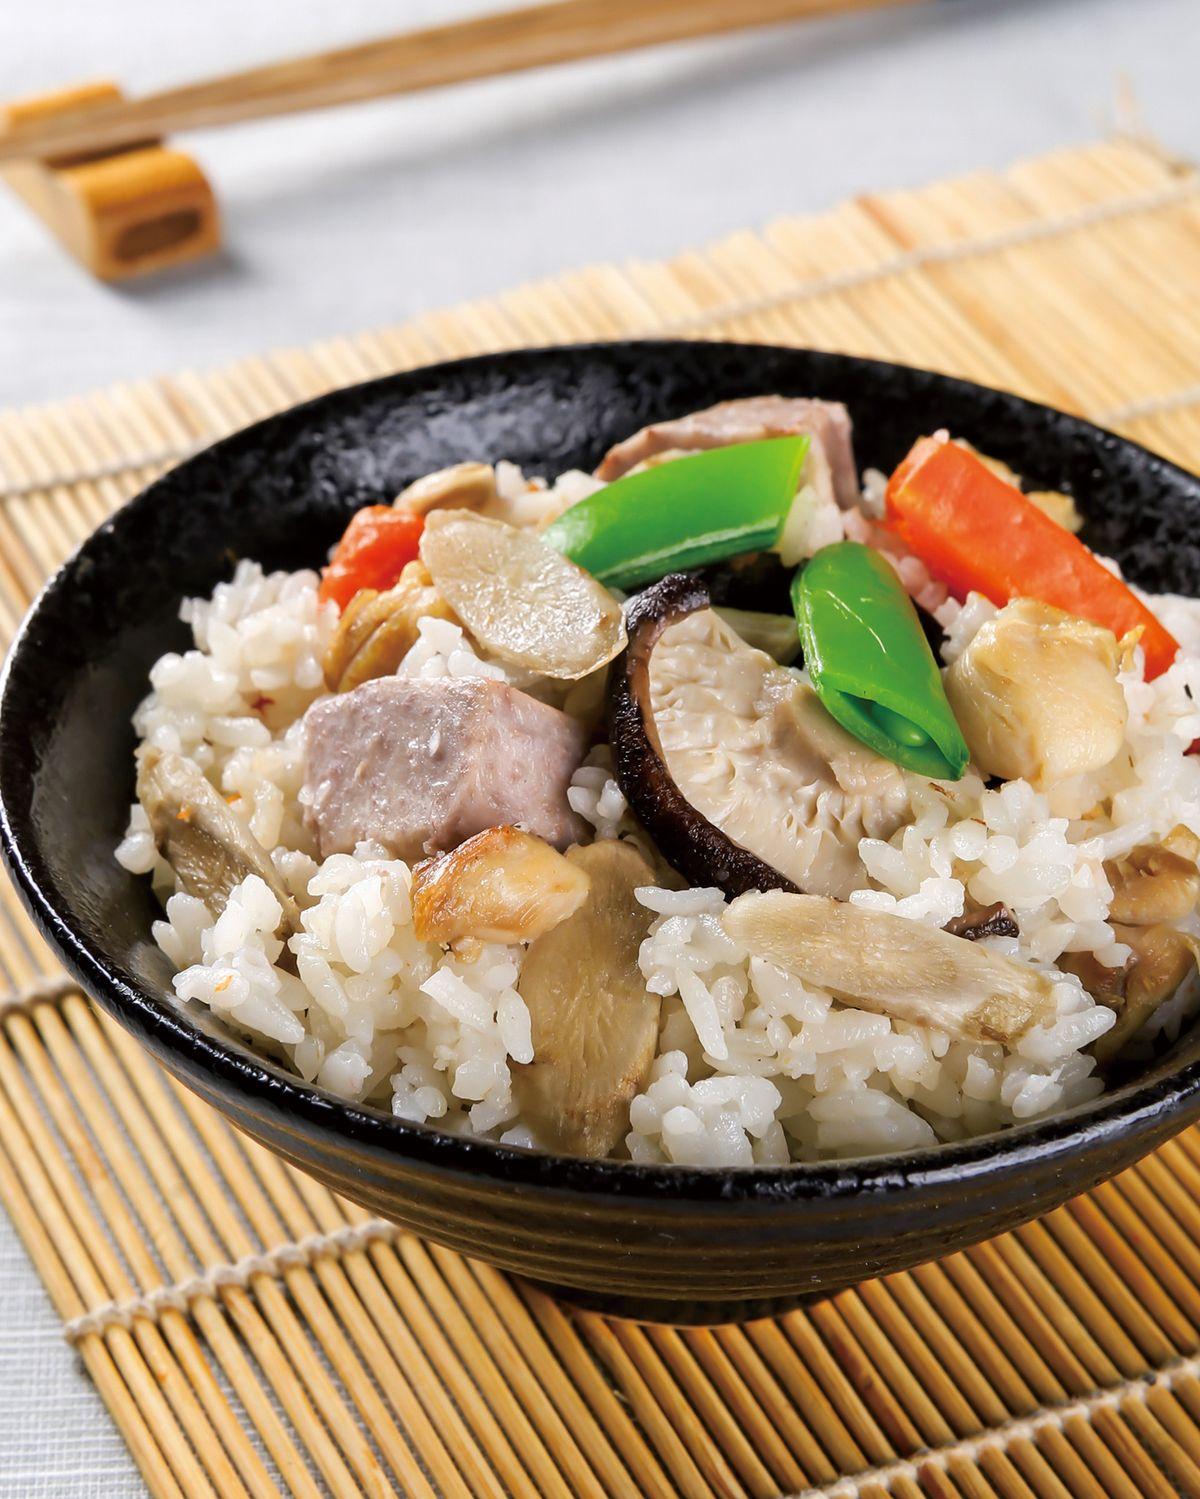 食譜:根菜炊飯